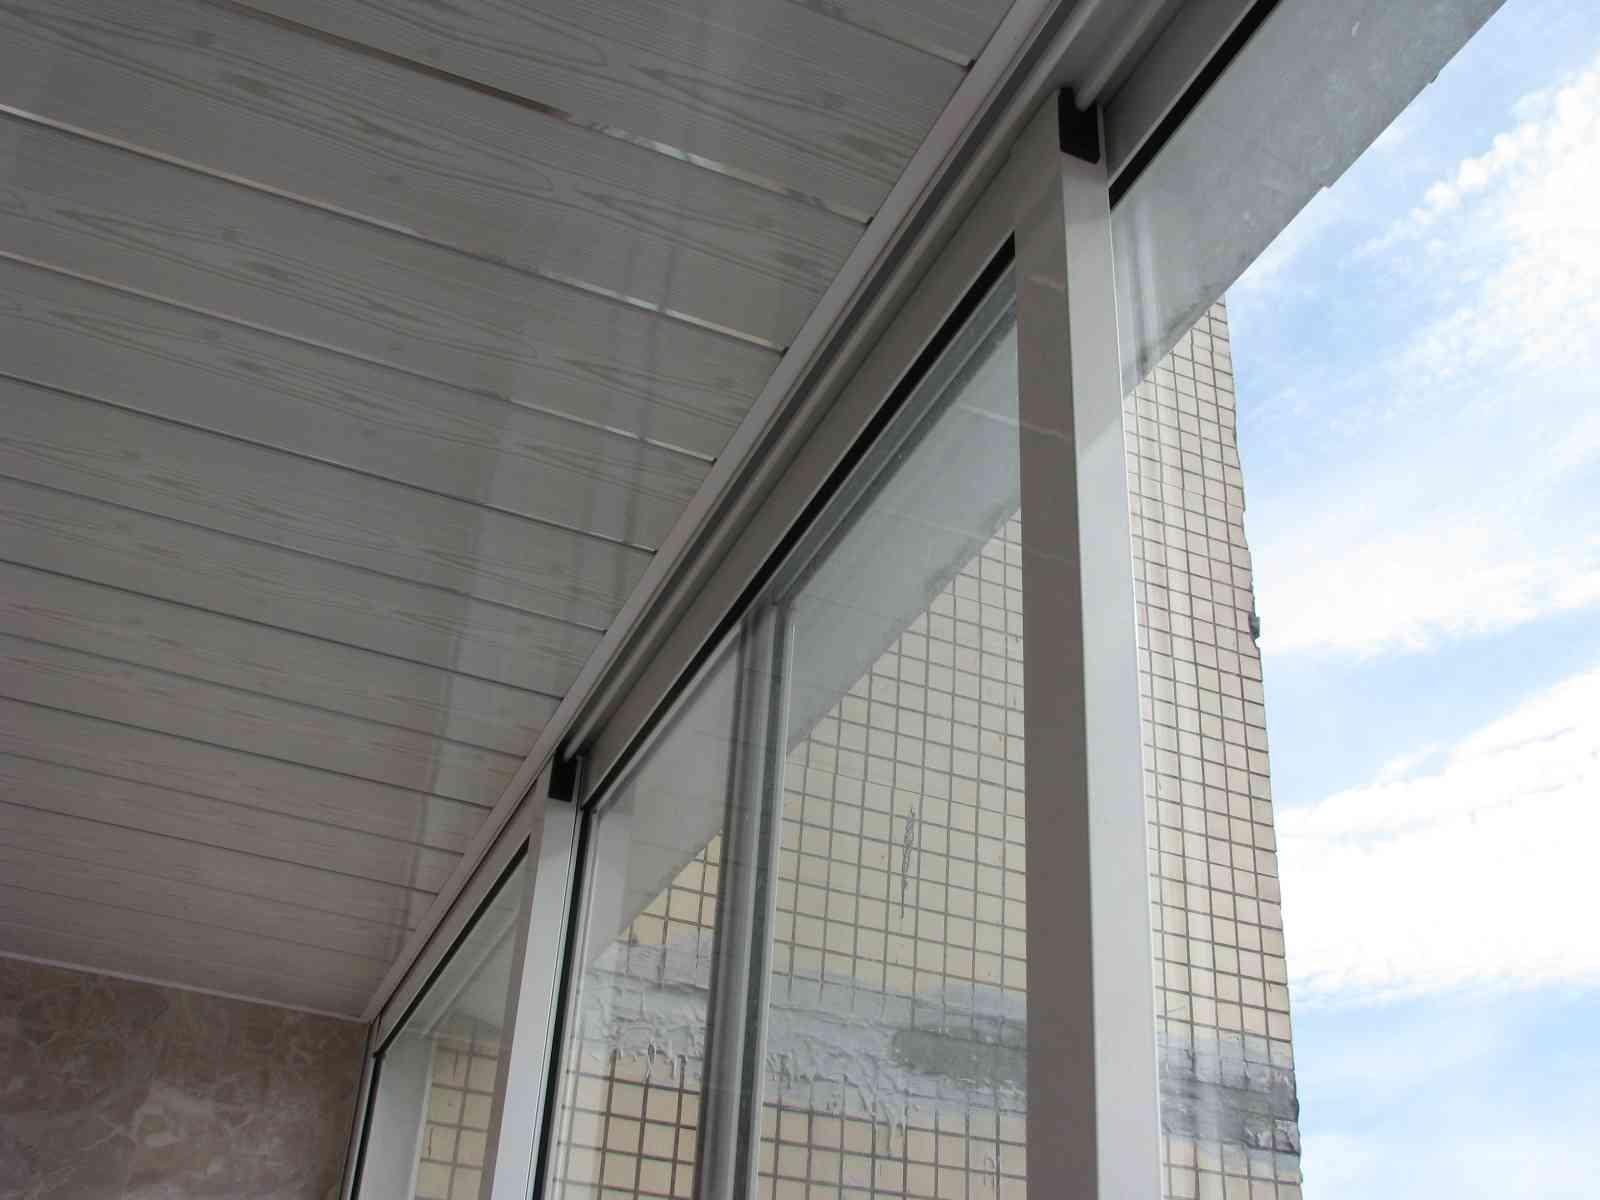 Алюминиевые жалюзи на лоджии окна и остекление школа ремонта.